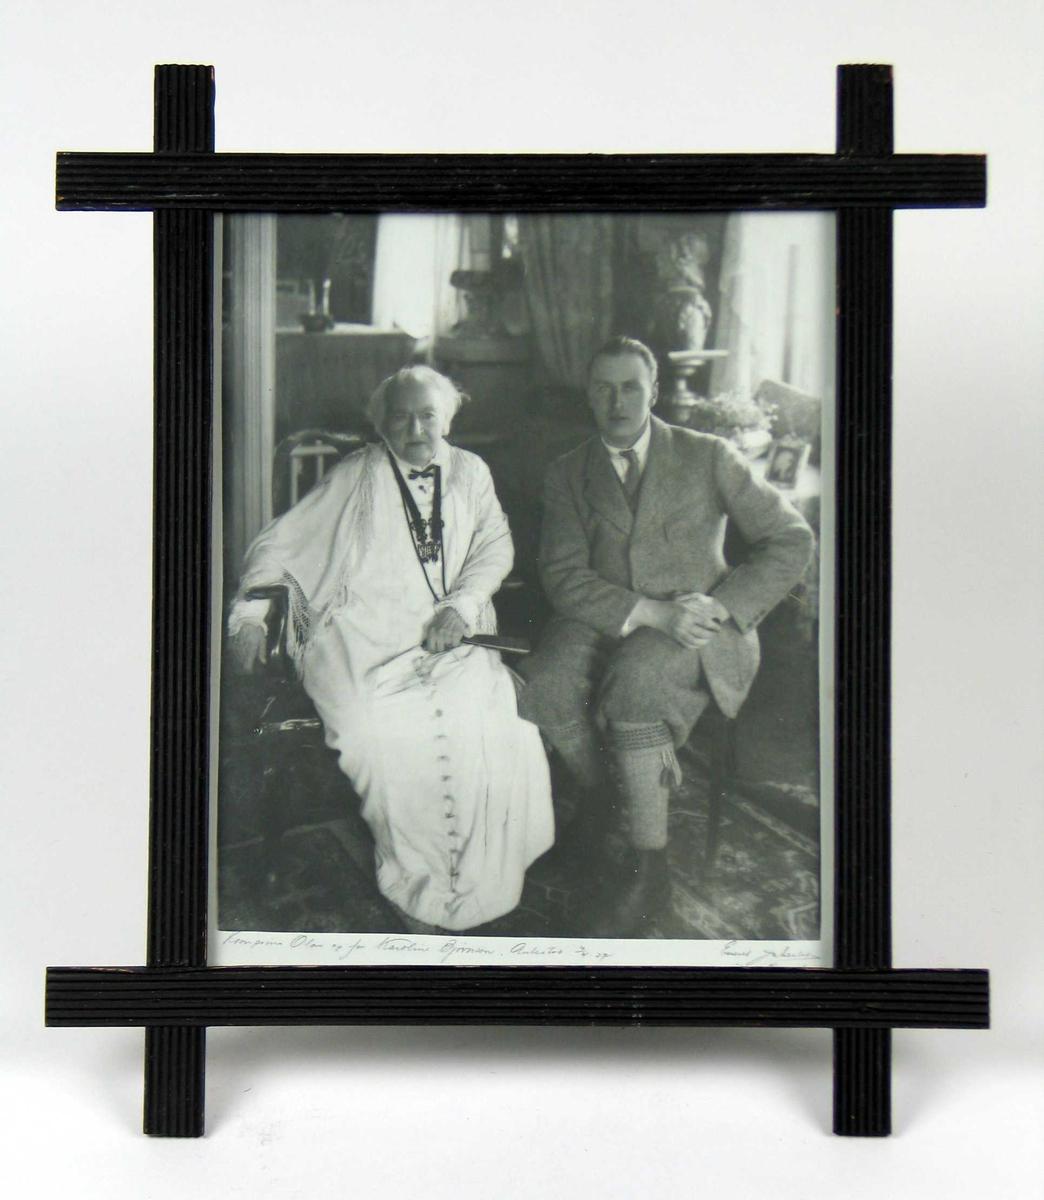 Eldre kvinne i lang hvit kjole sittende til venstre, ung mann i tweedjakke, nikkers og strikkede strømper med bånd til høyre.